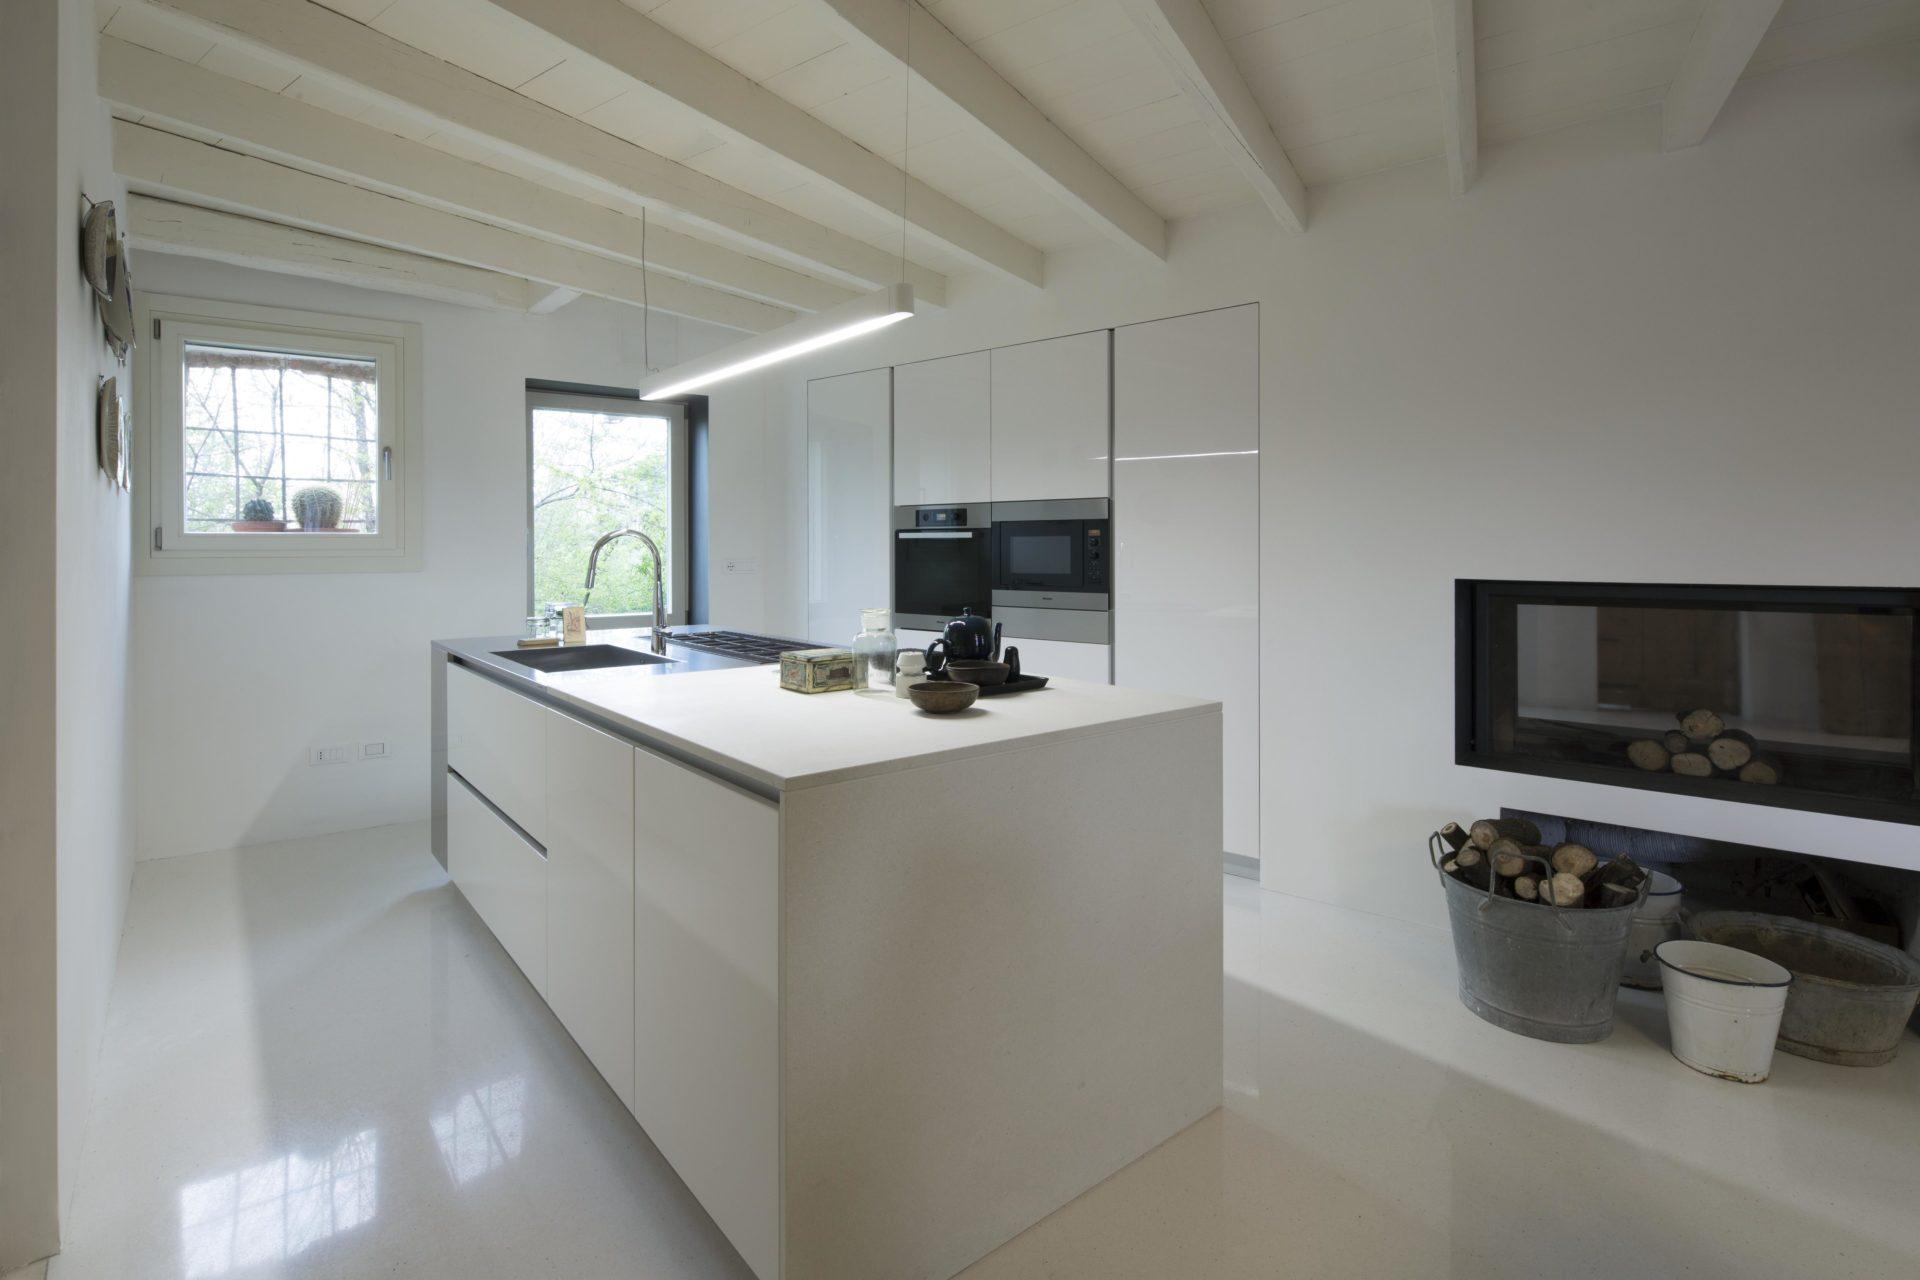 casa betta carlo costa architetto thiene (2)